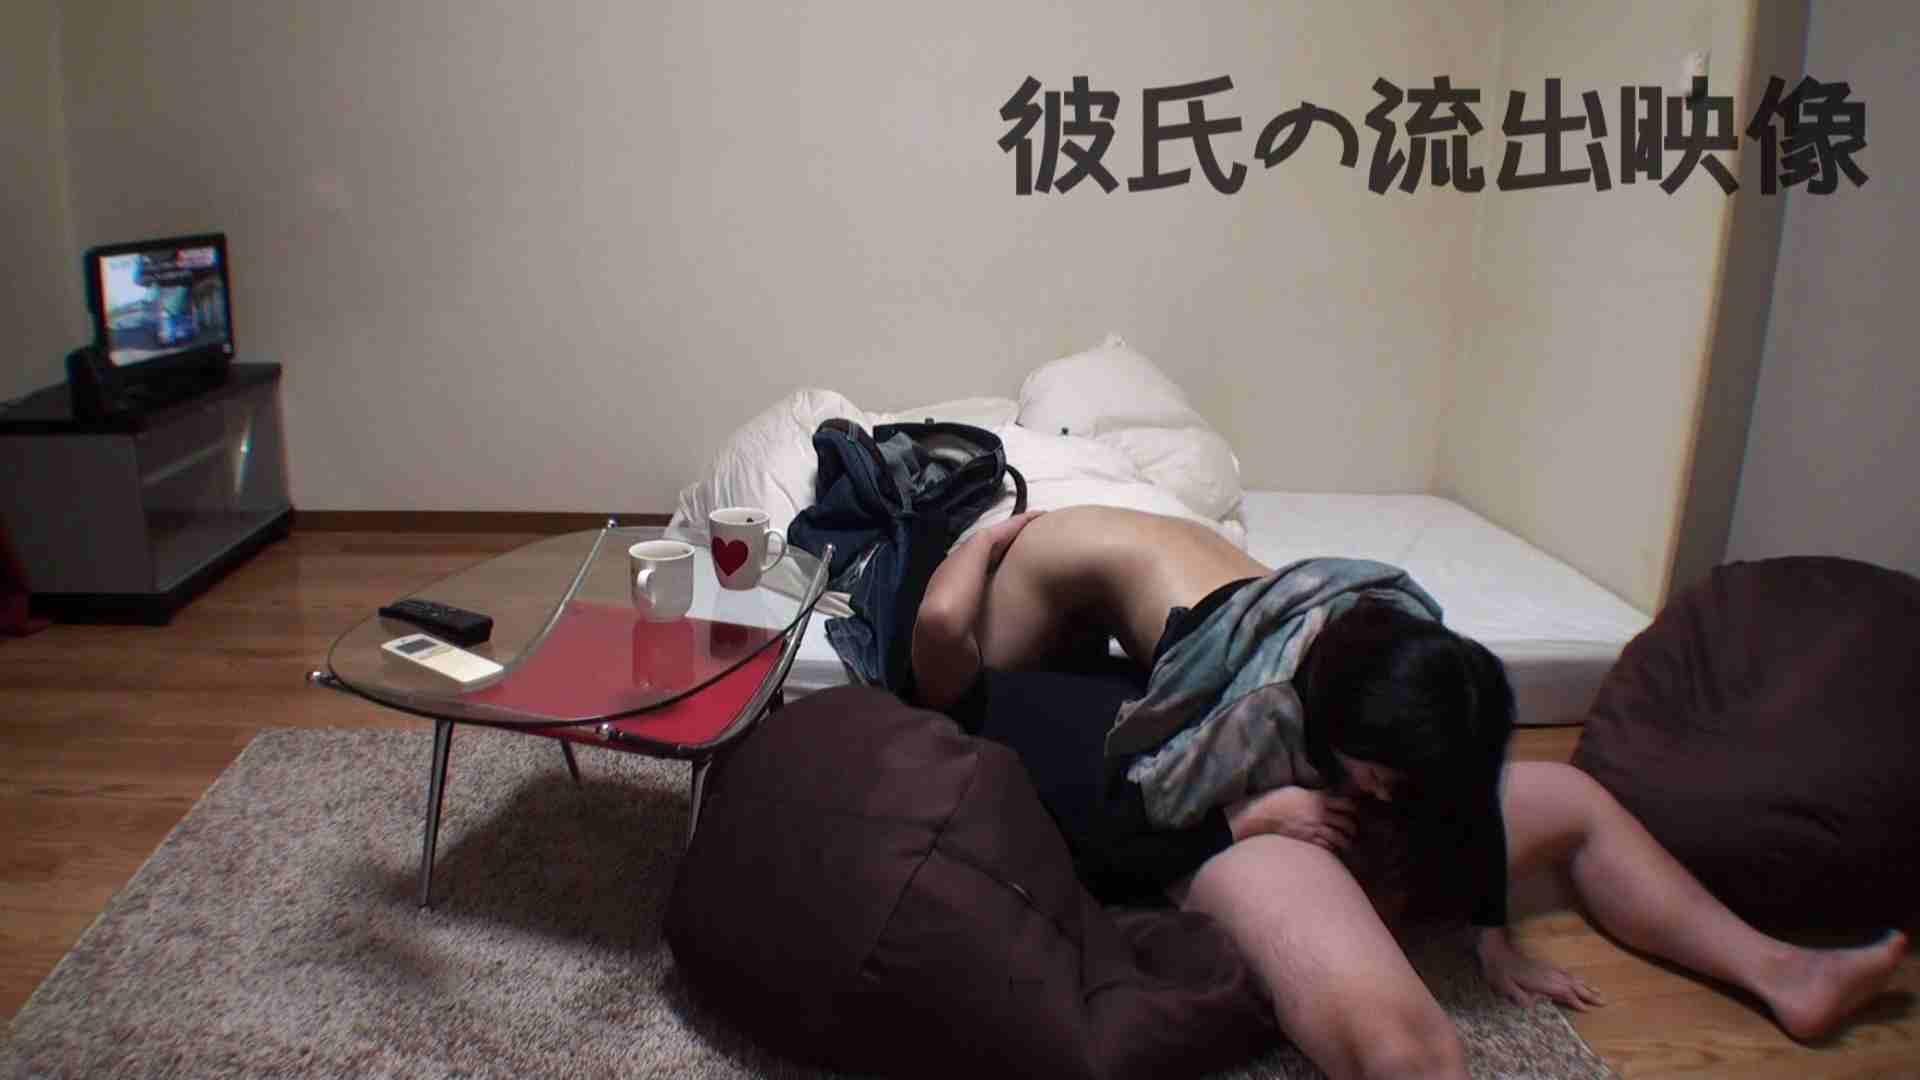 彼氏が流出 パイパン素人嬢のハメ撮り映像02 中出し ワレメ動画紹介 46pic 27